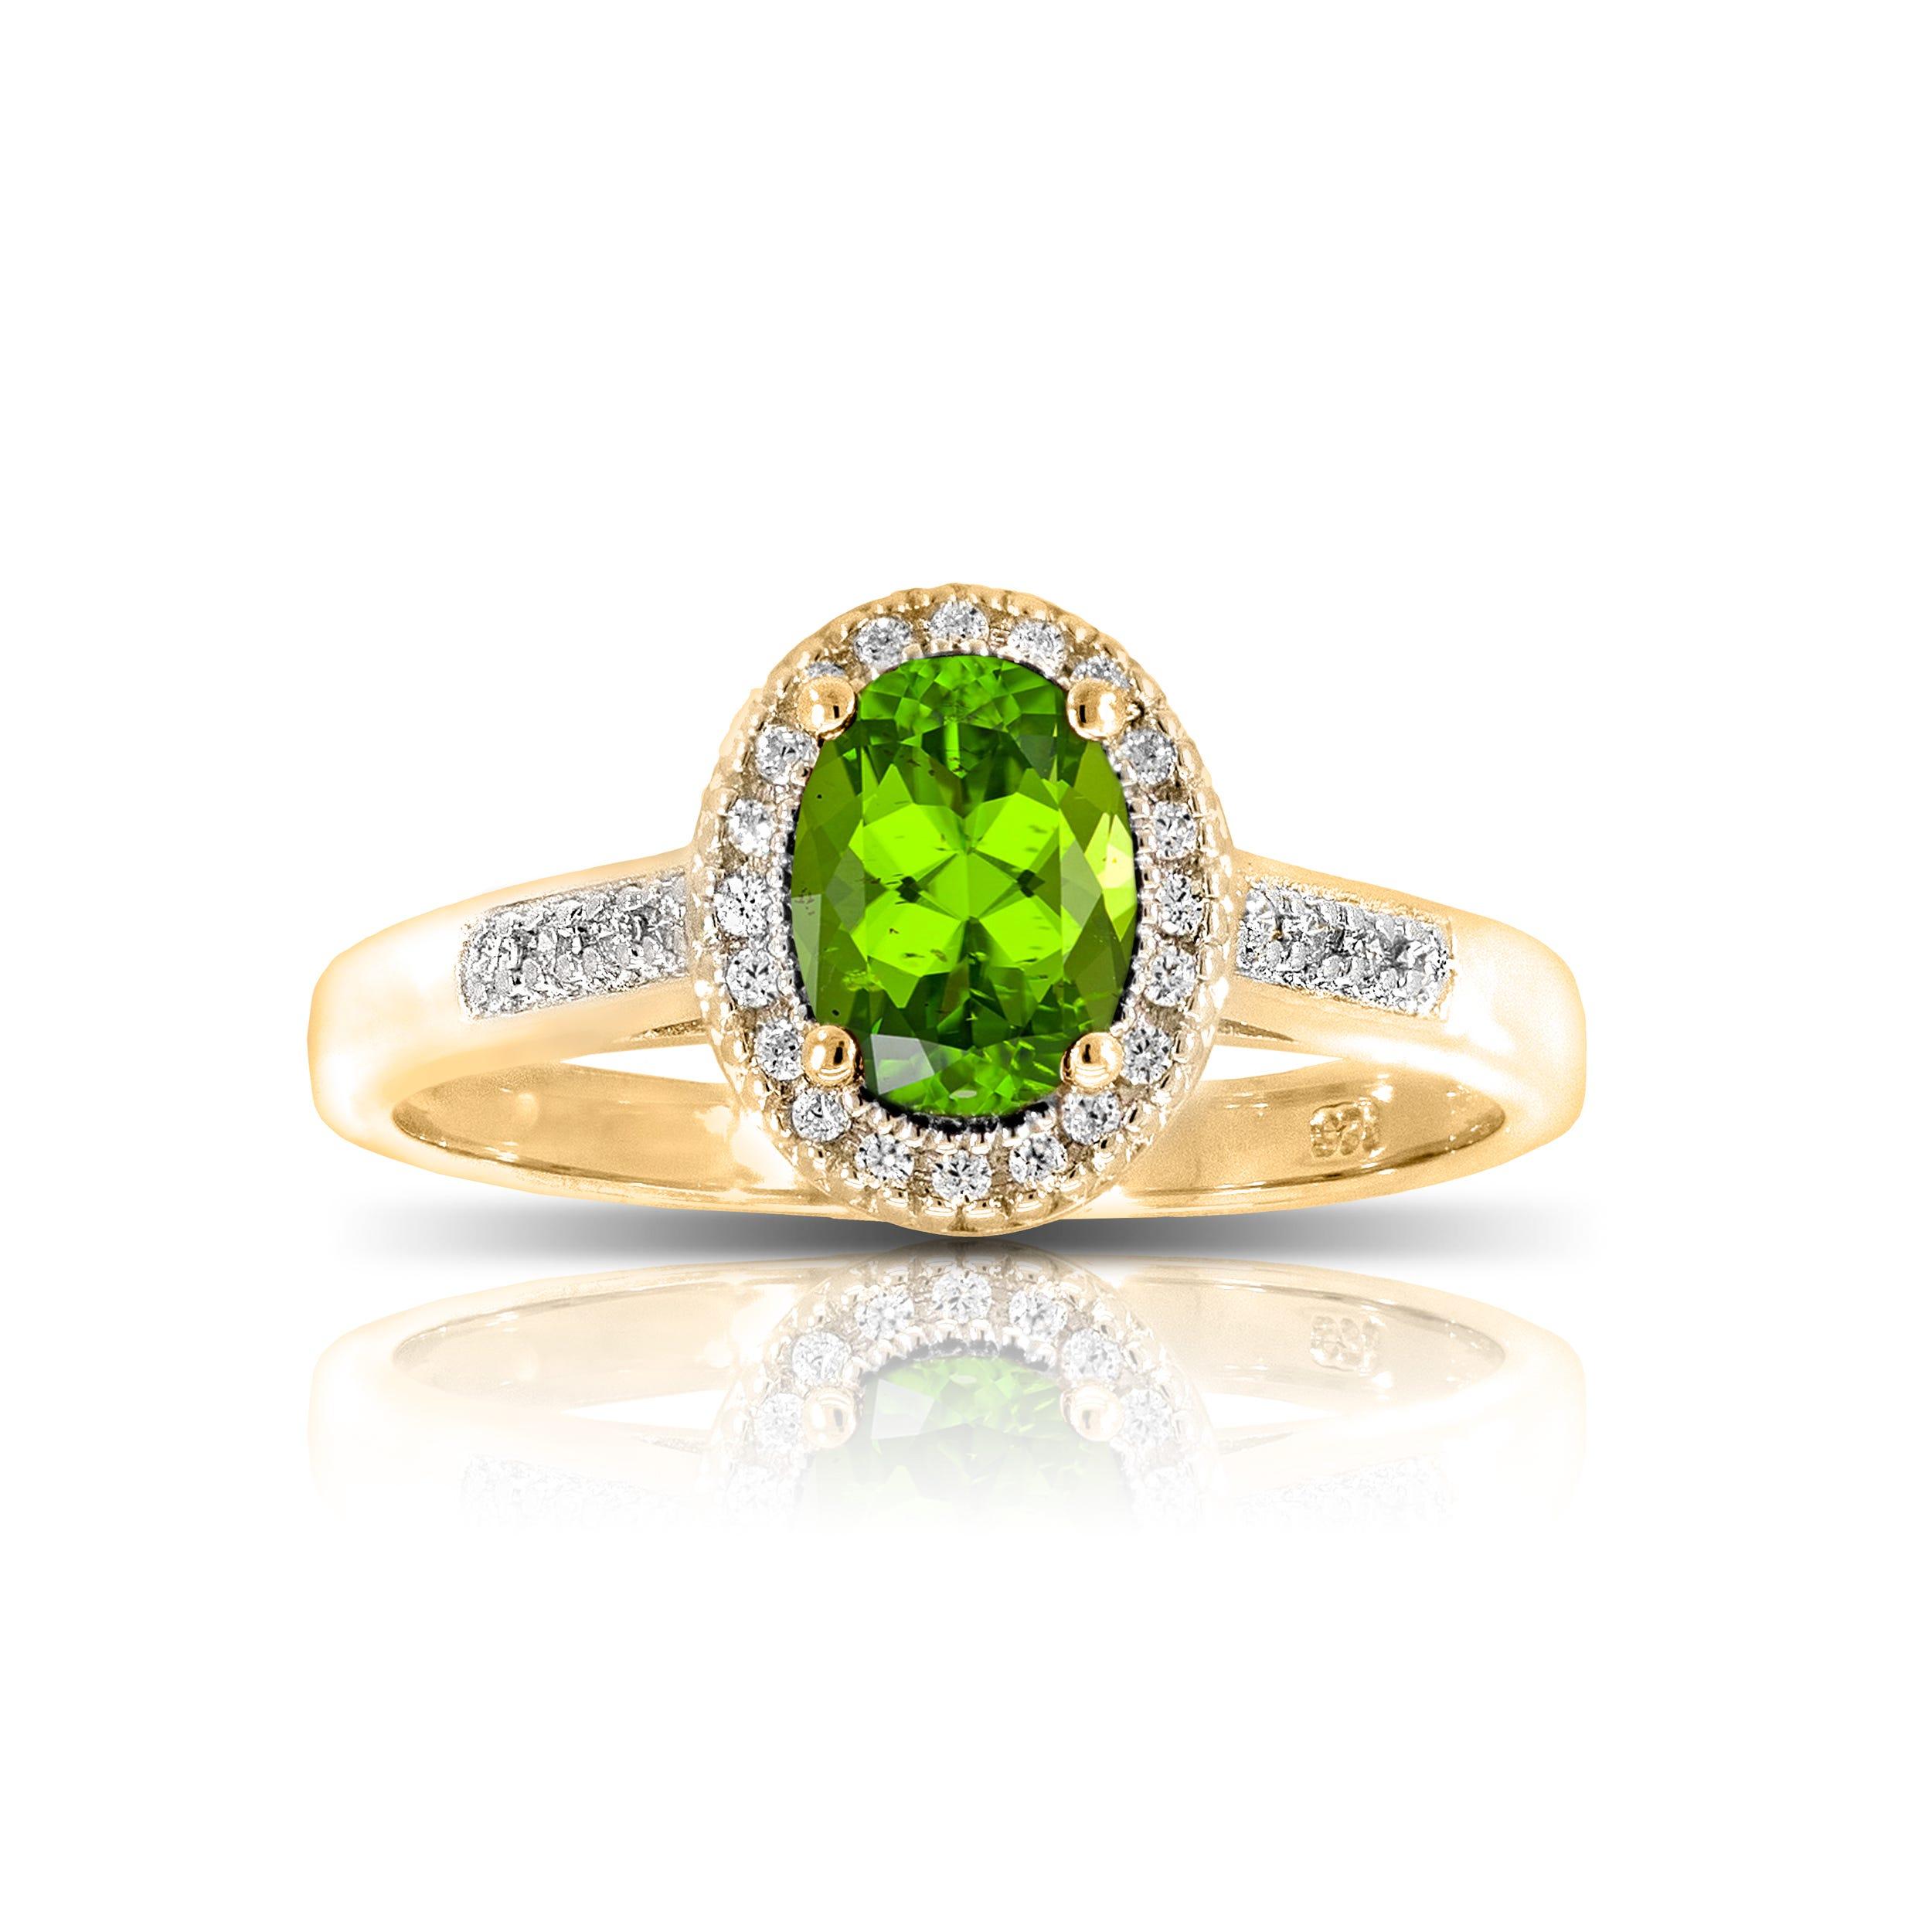 Peridot & Diamond Oval Ring in 10k Yellow Gold